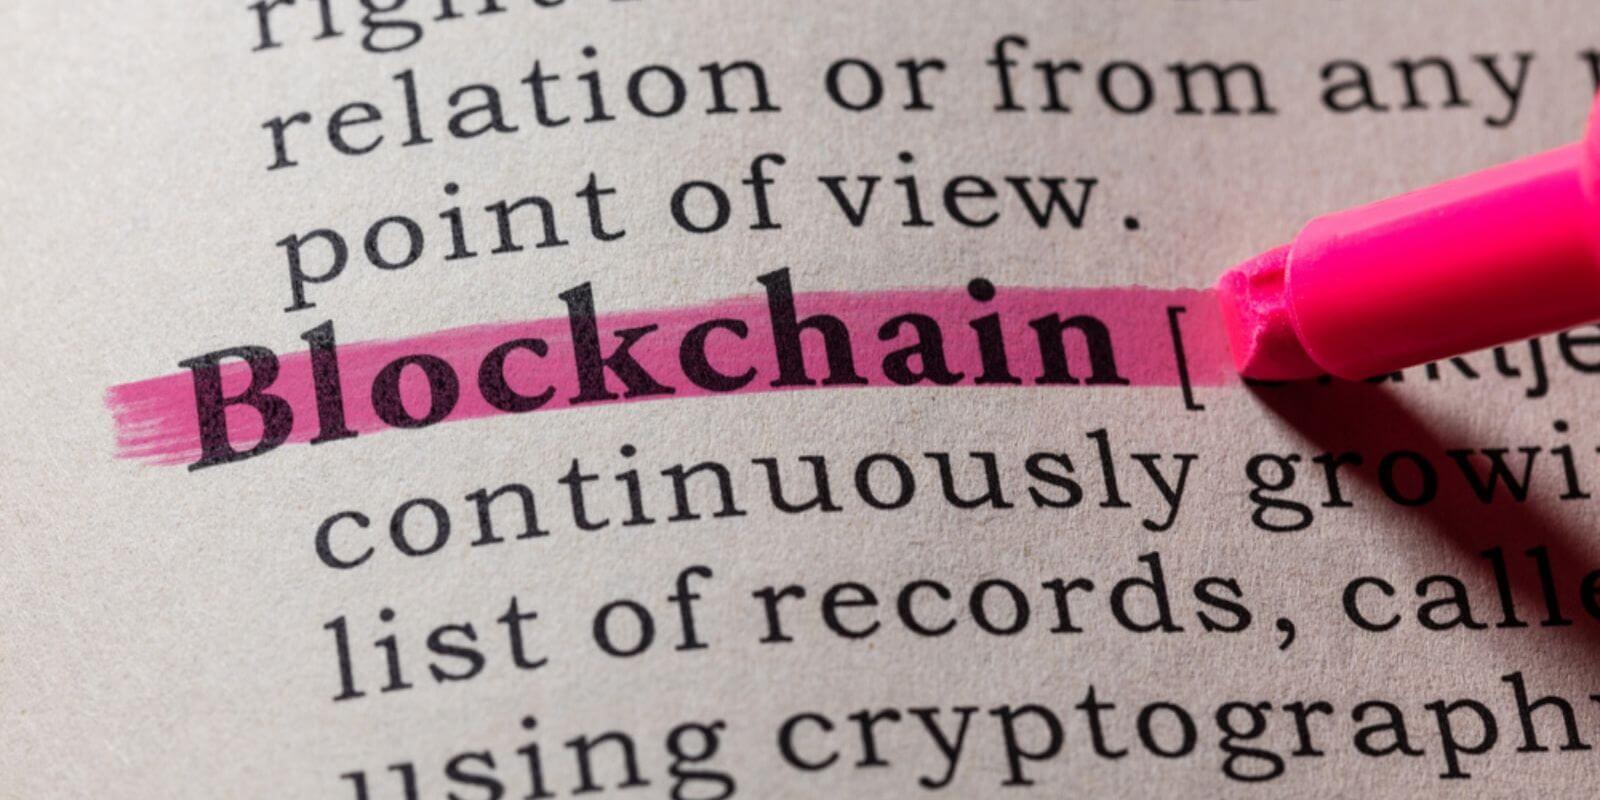 Un dictionnaire avec le mot blockchain surligné